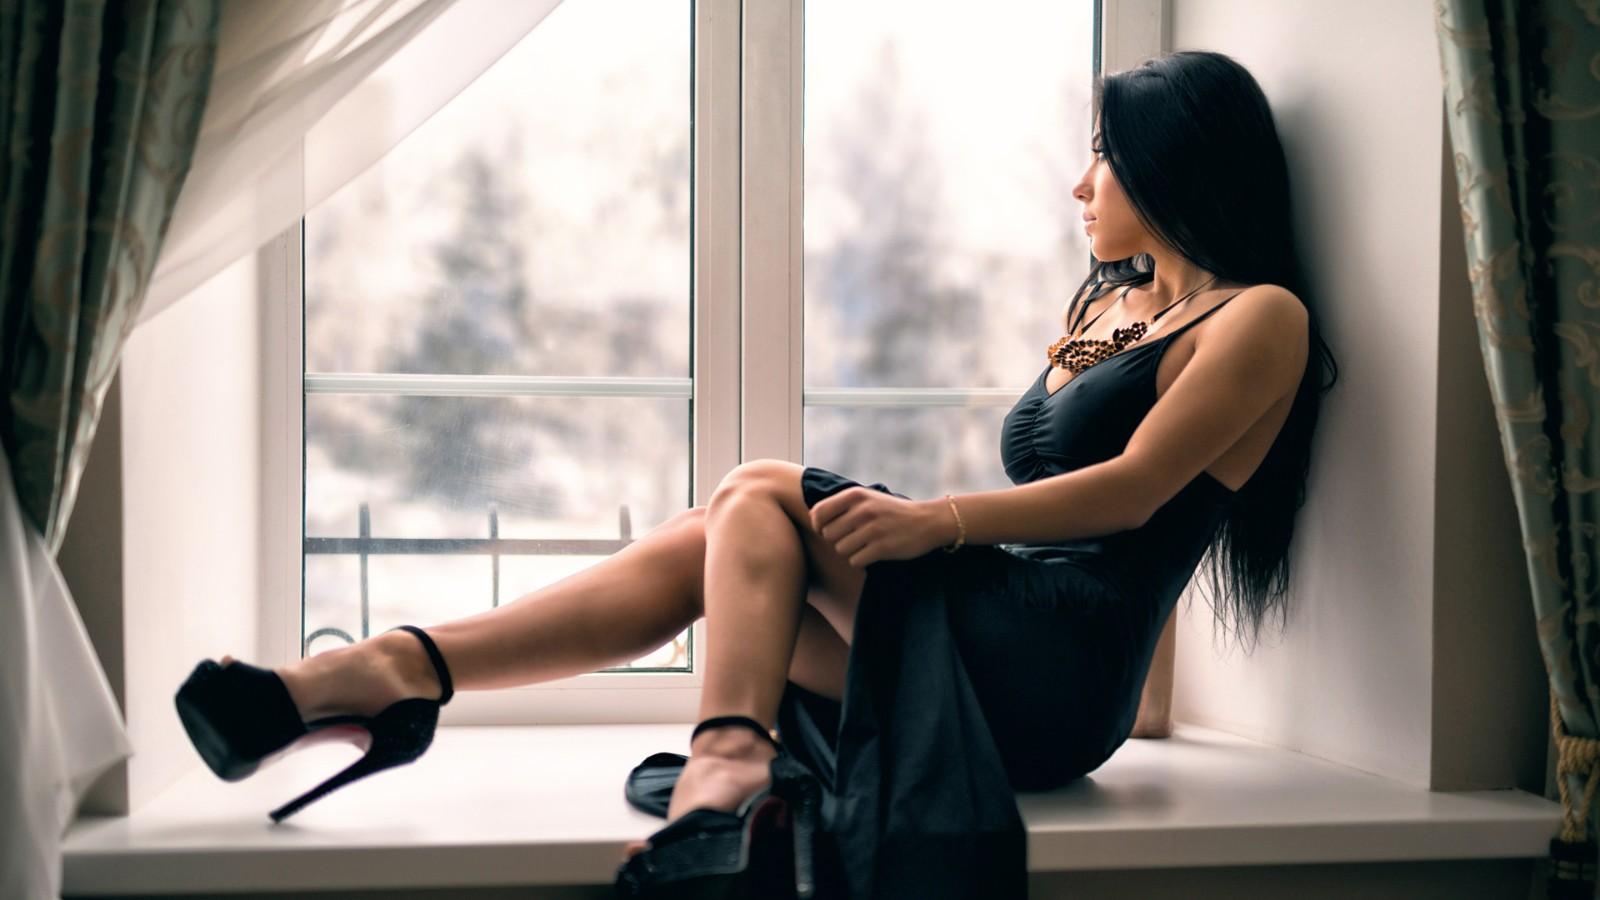 窗台性感美女壁纸